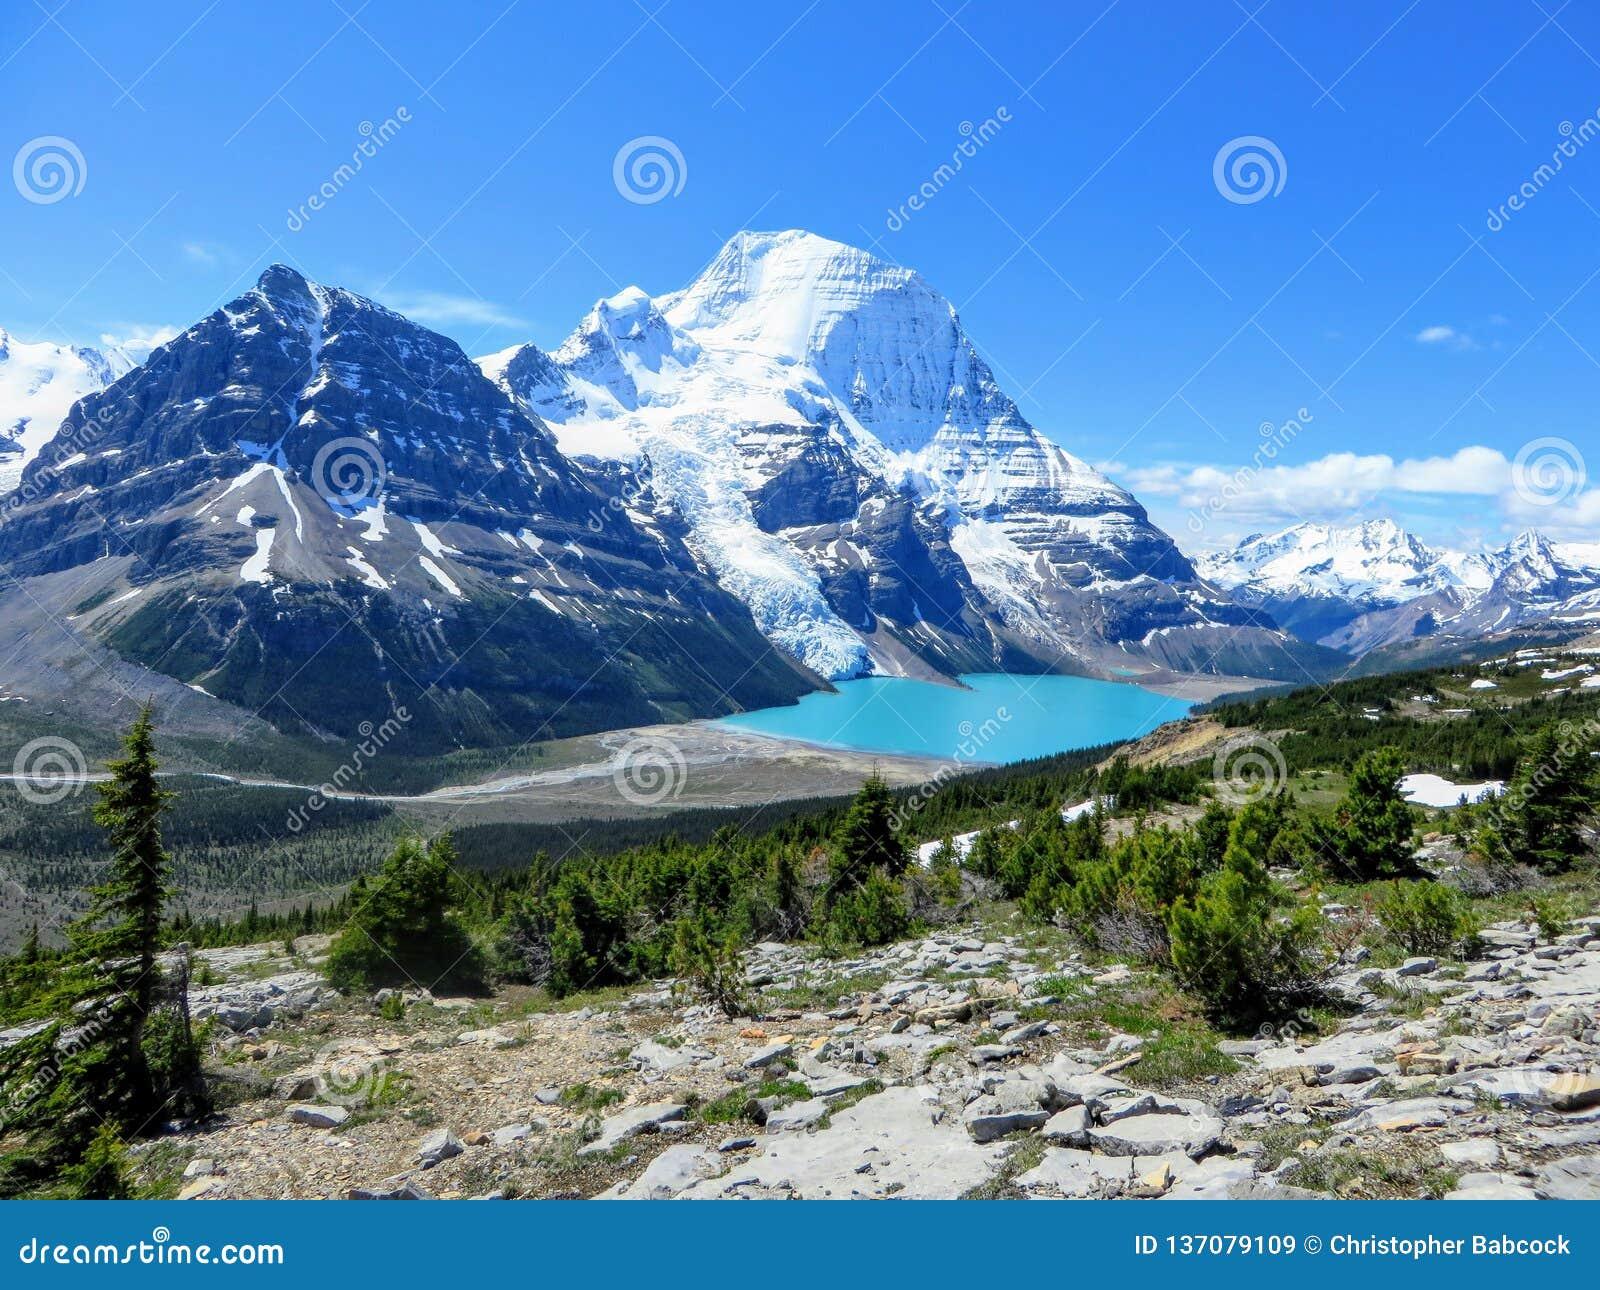 Nieprawdopodobny widok piękny turkusowy jezioro przy bazą dwa ogromnej góry i lodowiec w góry Robson prowincjonału parku